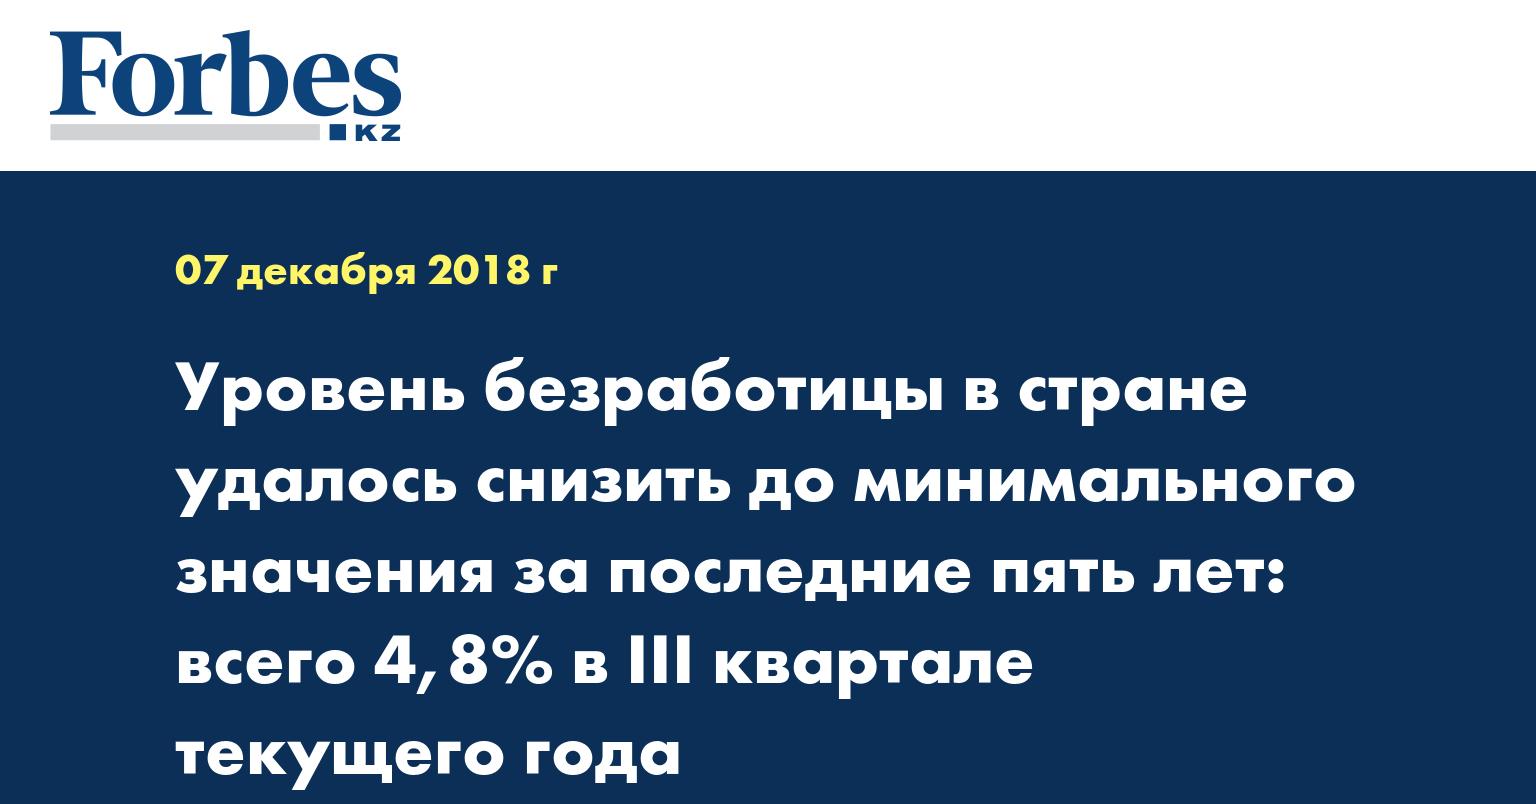 Уровень безработицы в стране удалось снизить до минимального значения за последние пять лет: всего 4,8% в III квартале текущего года